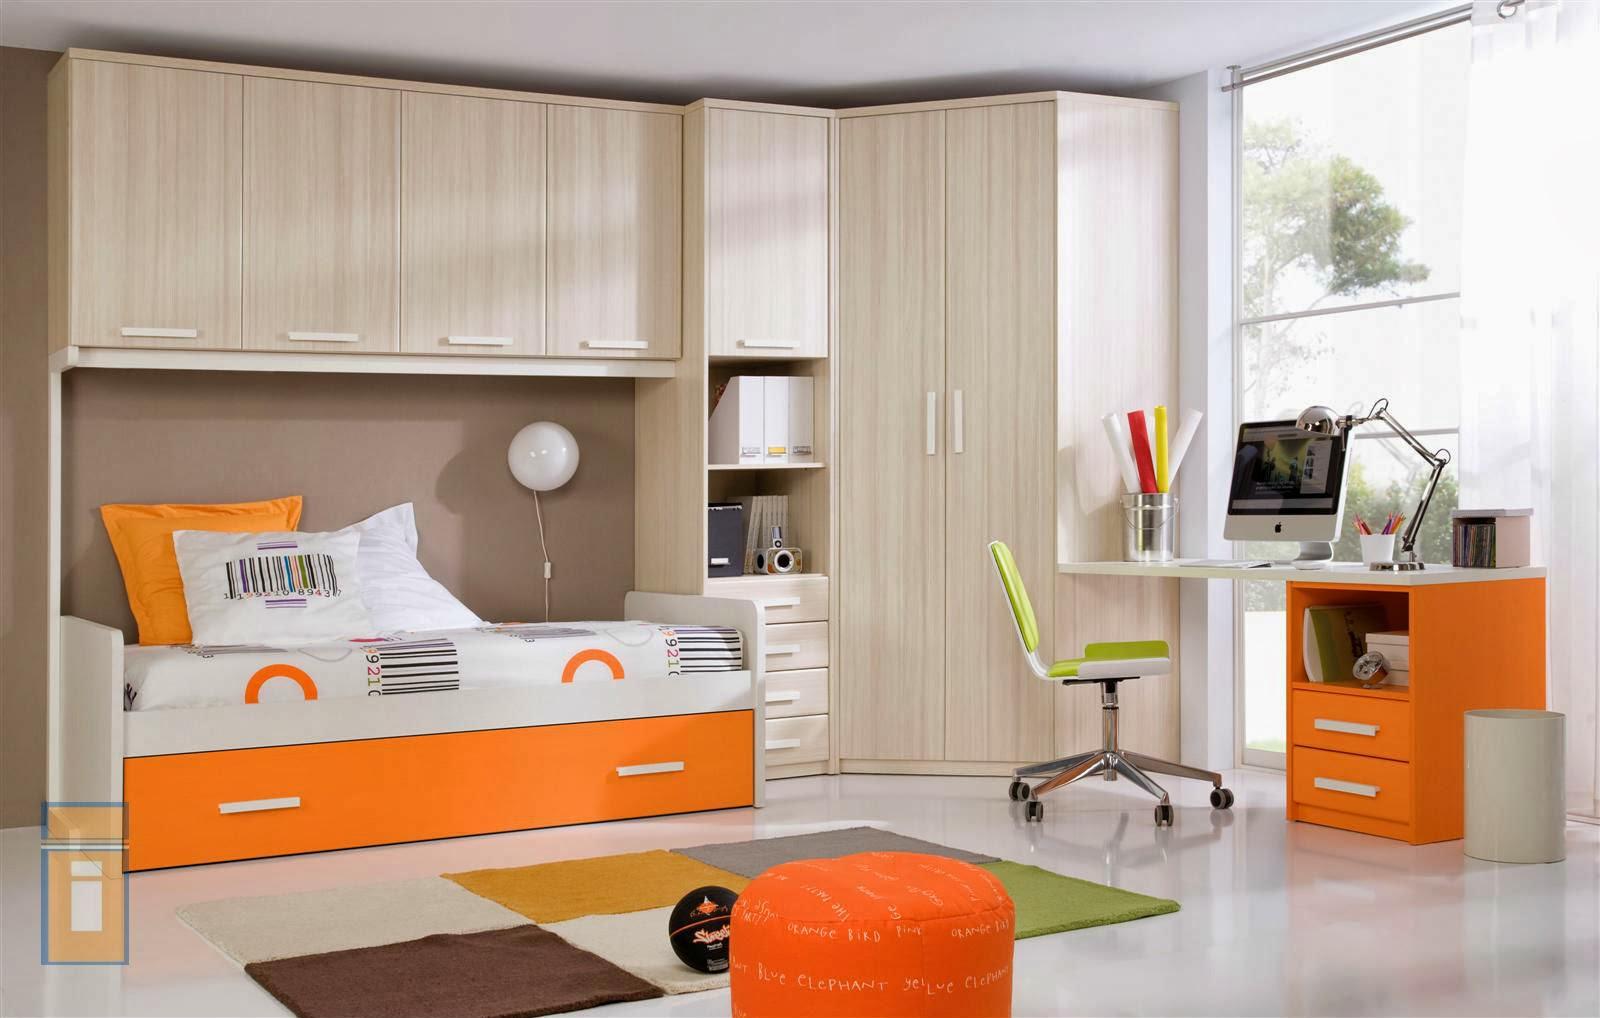 Armimobel muebles con vida dormitorios juveniles for Dormitorios con armarios rinconeros